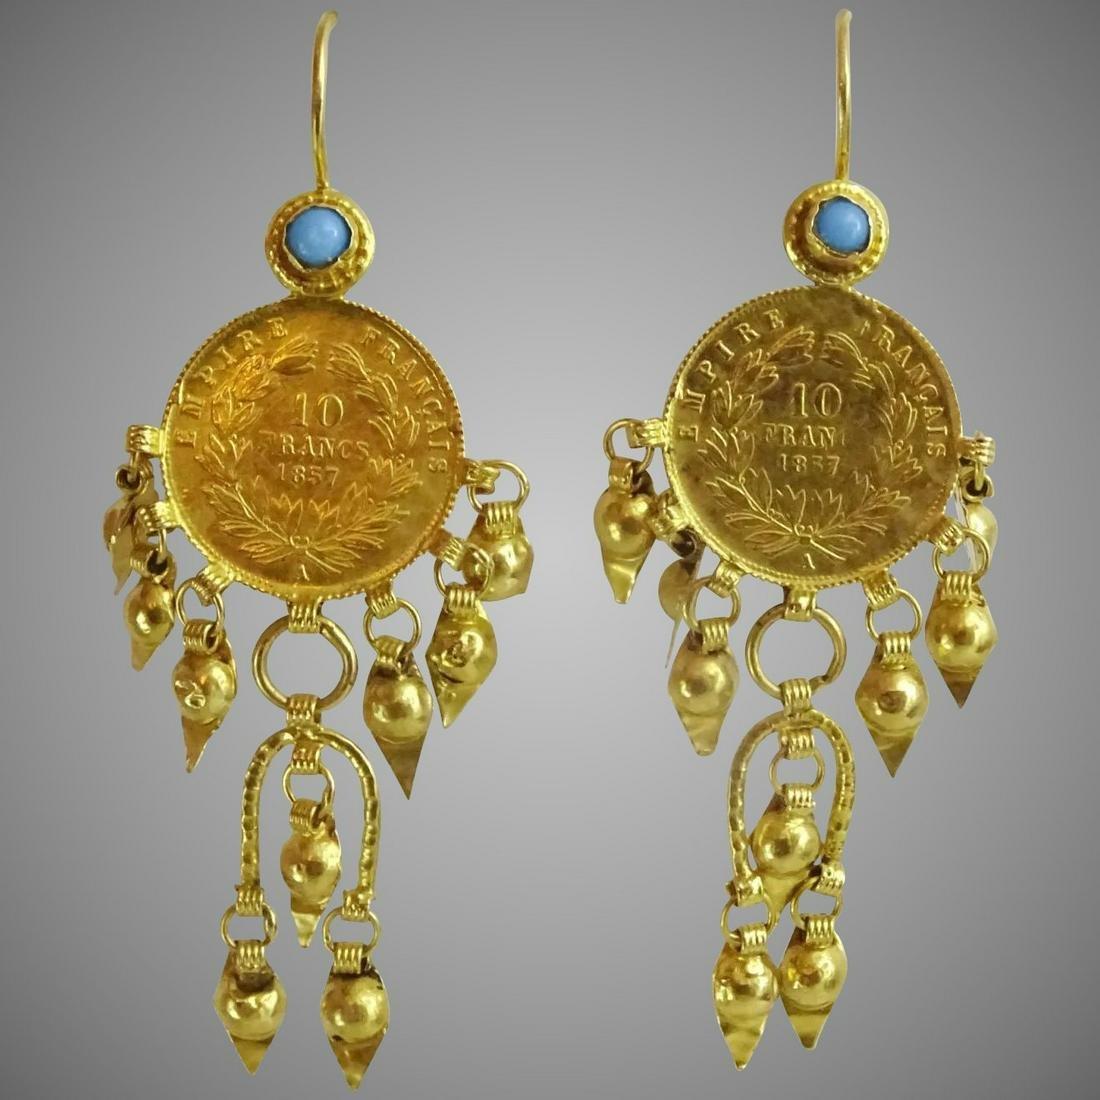 Antique Near Eastern 21 - 22 karat Gold Earrings